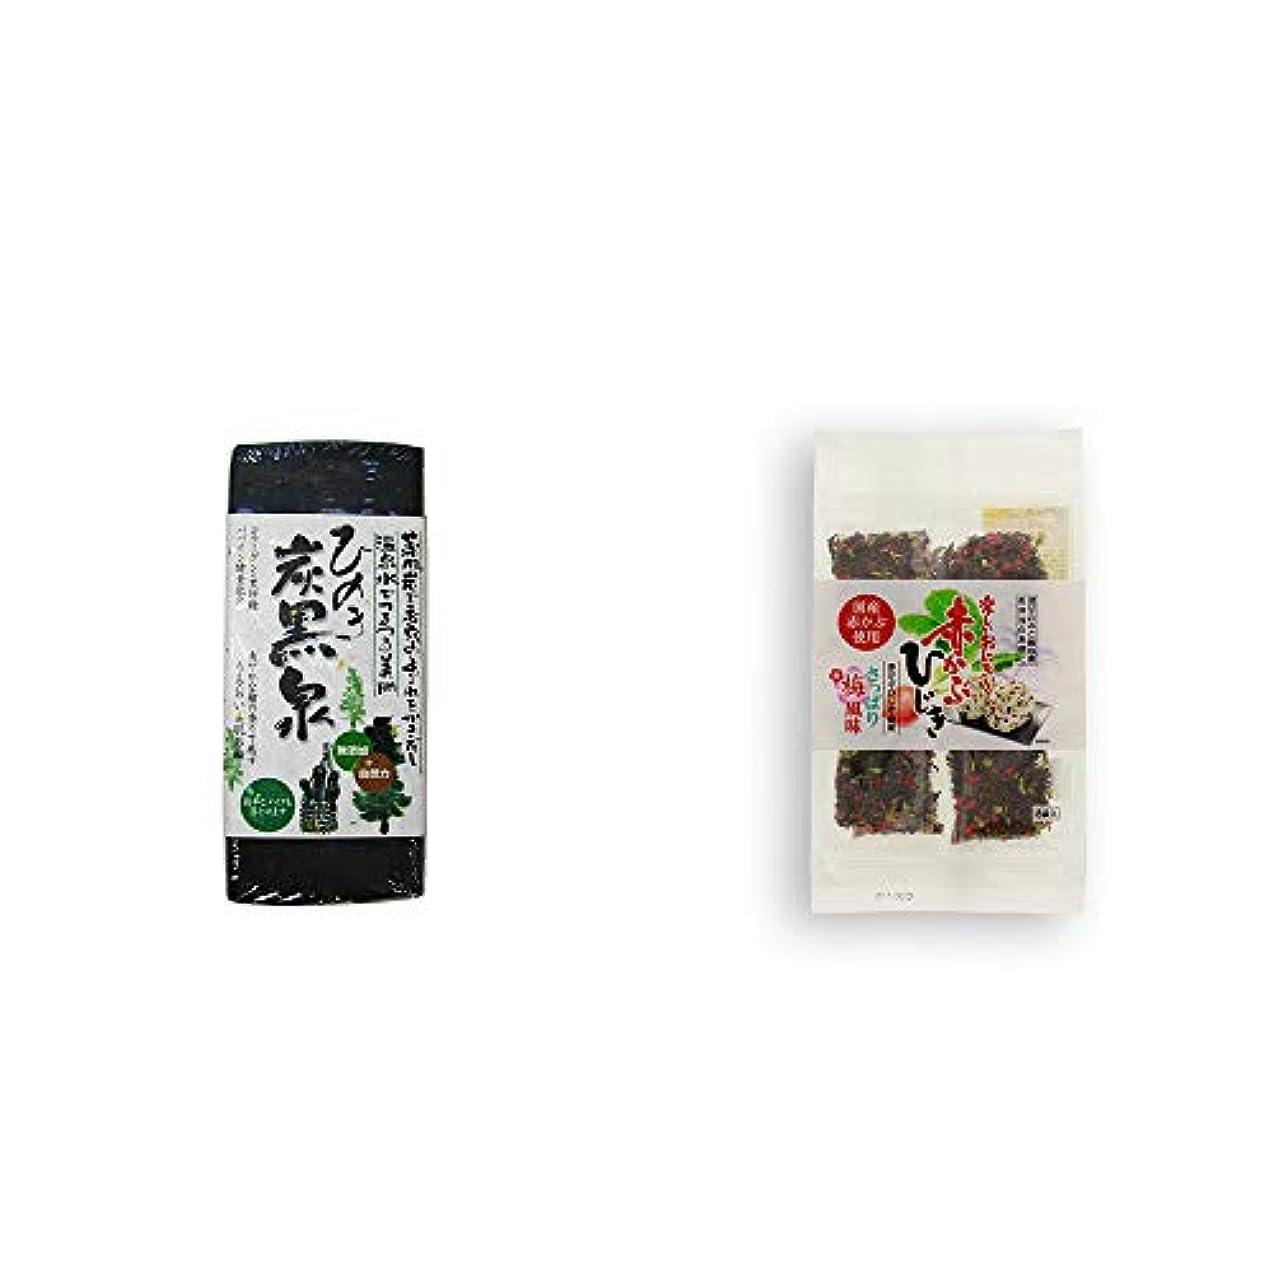 記憶快適水を飲む[2点セット] ひのき炭黒泉(75g×2)?楽しいおにぎり 赤かぶひじき(8g×8袋)